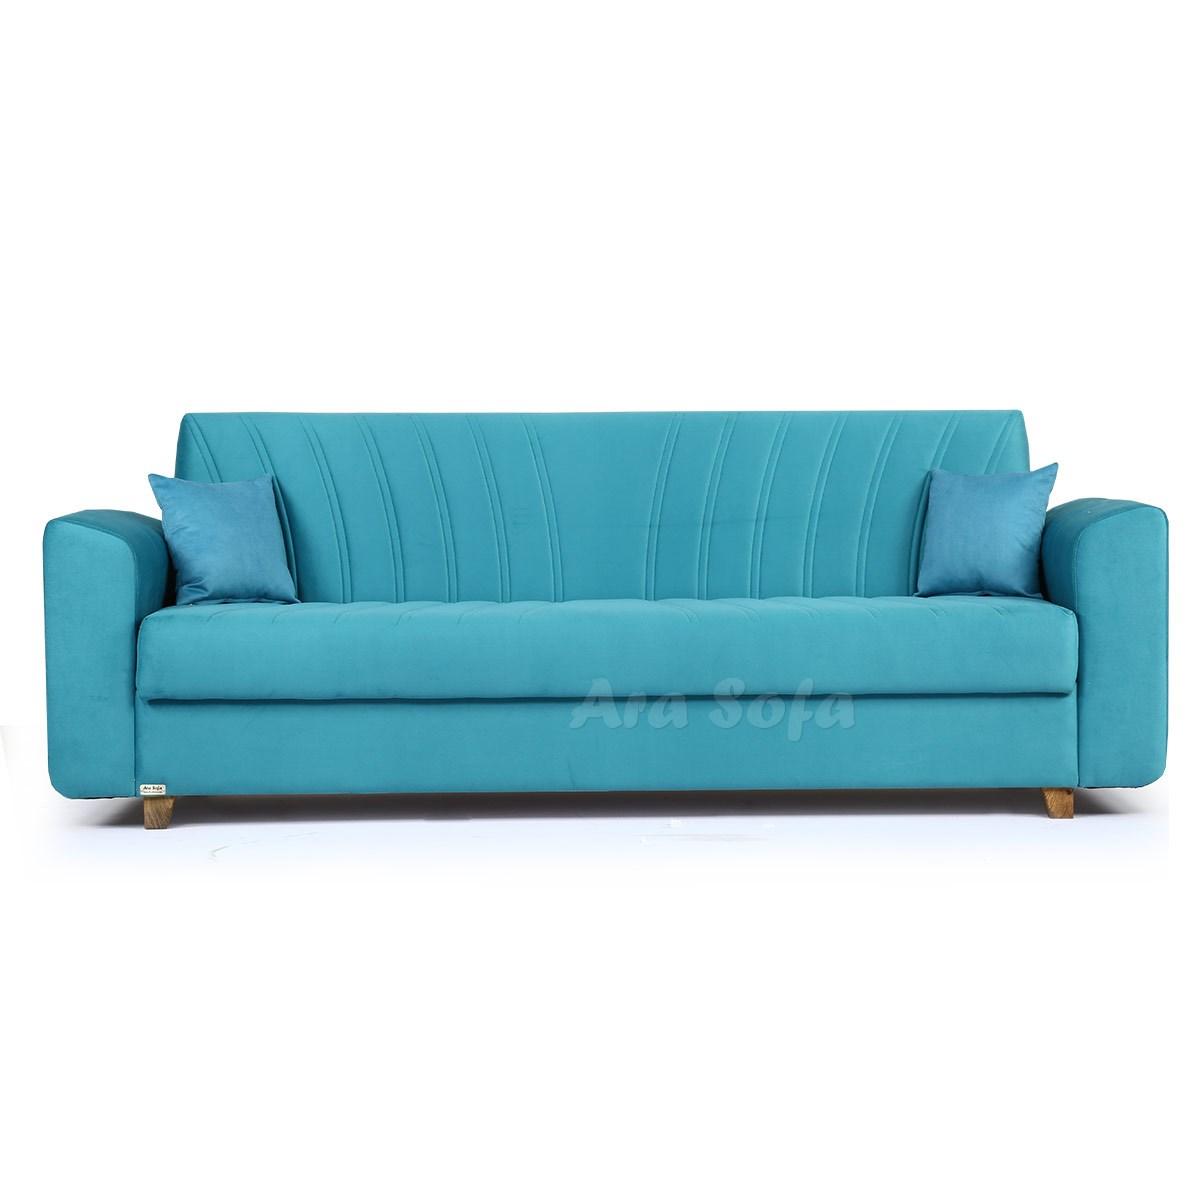 کاناپه تخت شو